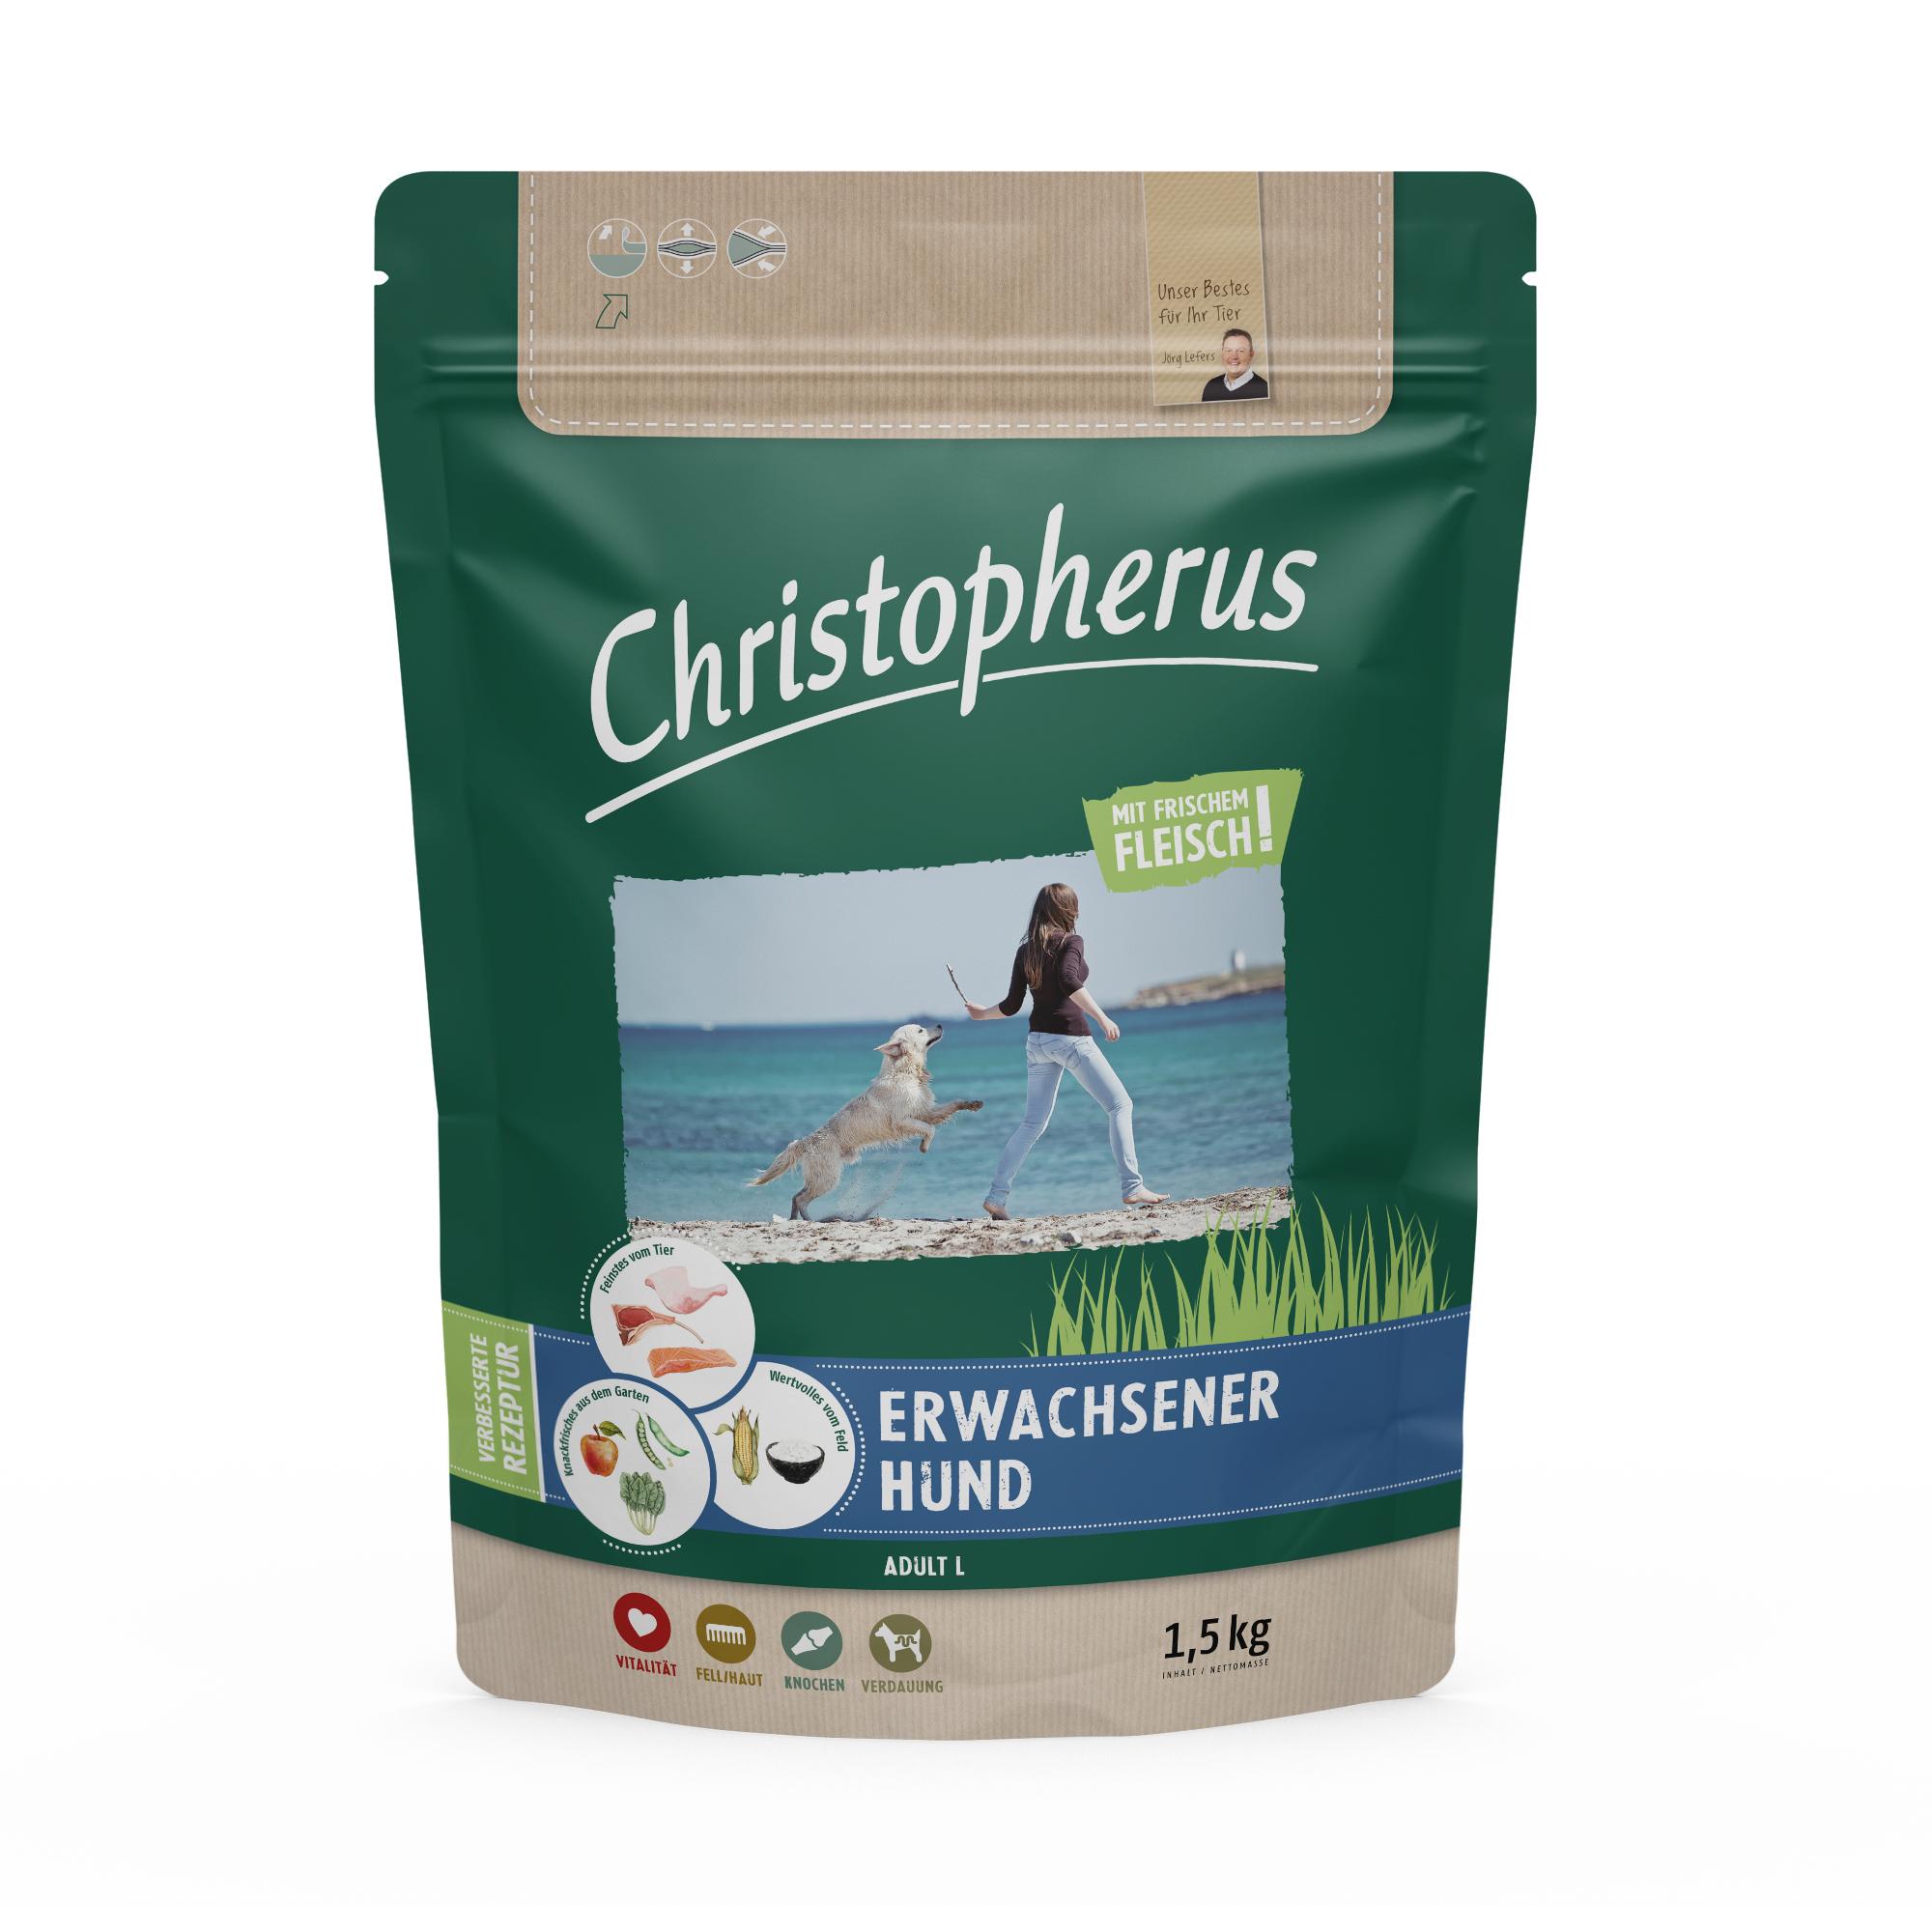 Christopherus – Erwachsener Hund